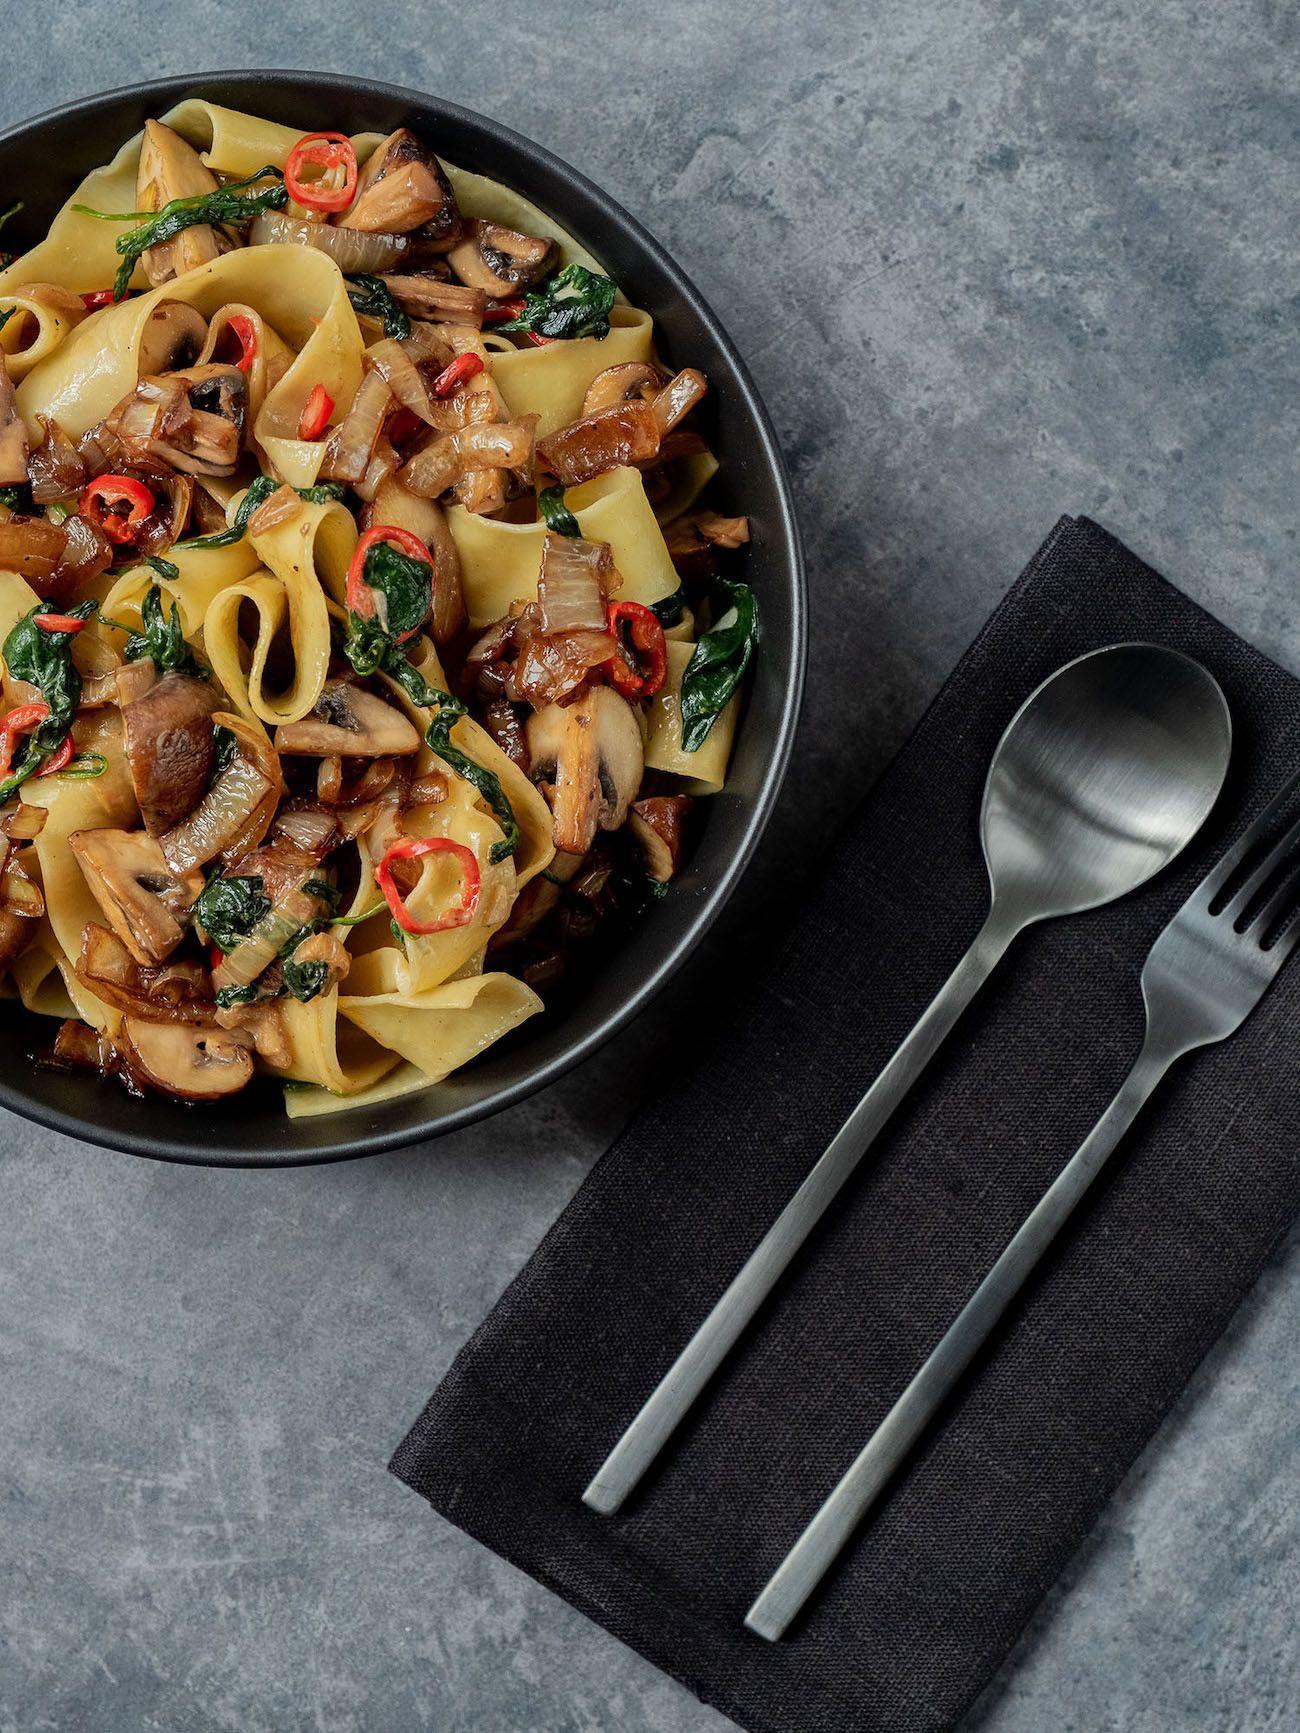 Foodblog About Fuel_Papardelle mit Champignons, Spinat und Balsamico Zwiebeln, Teller, Serviette, Chili